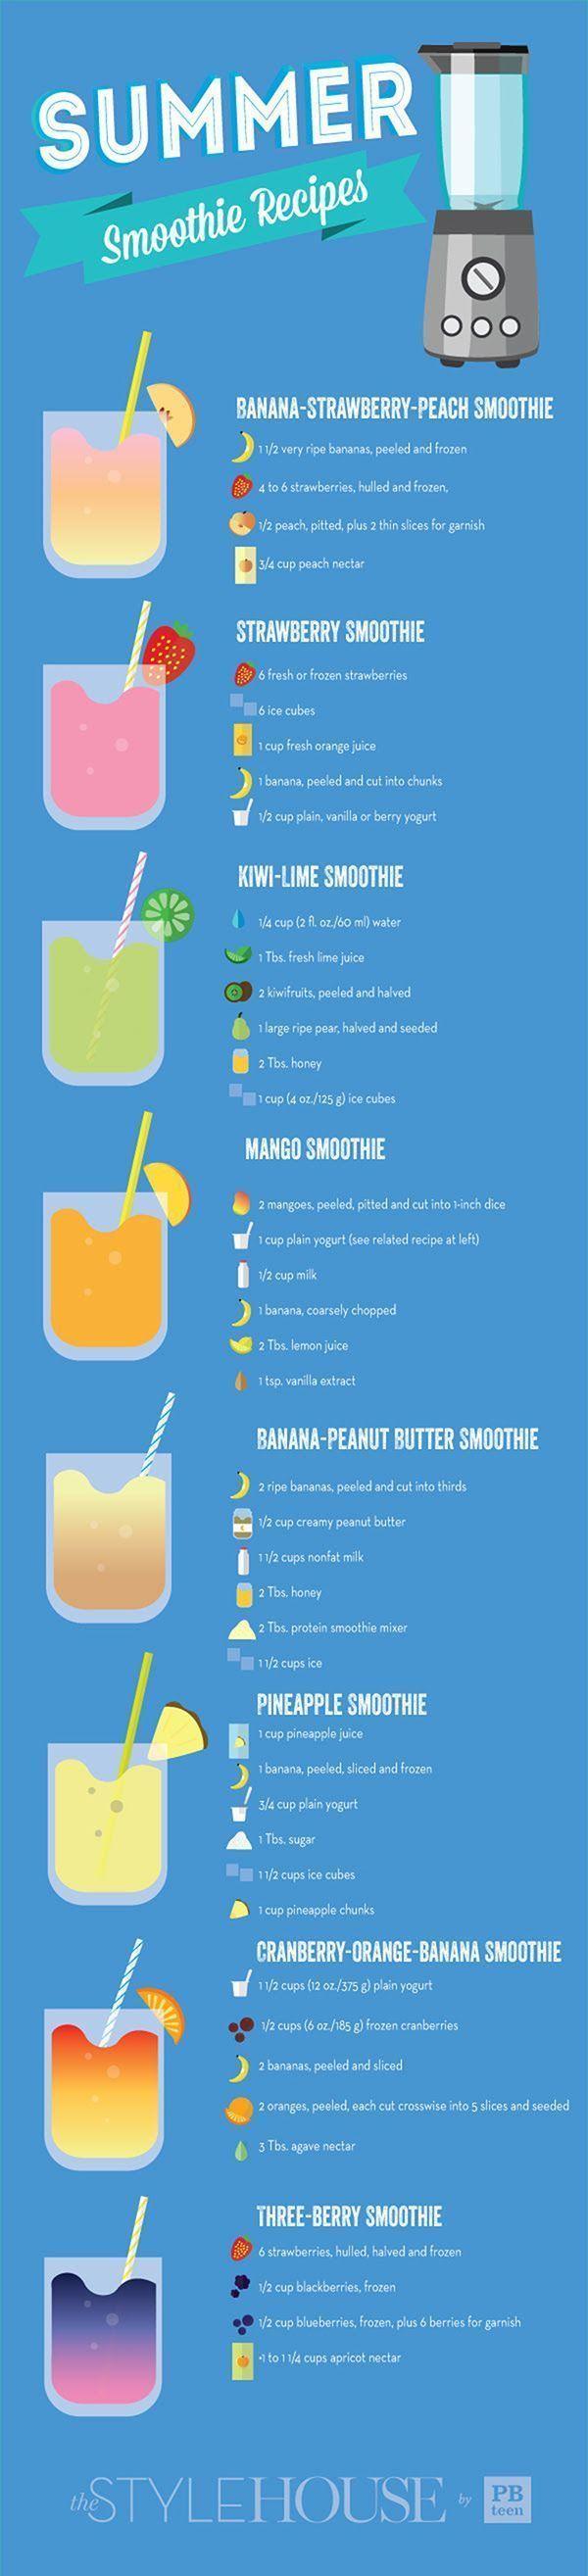 18 gesunde Wege, um schnell Gewicht zu verlieren,  #dietplan10pounds #gesunde #Gewicht #schne... #fruitsmoothie